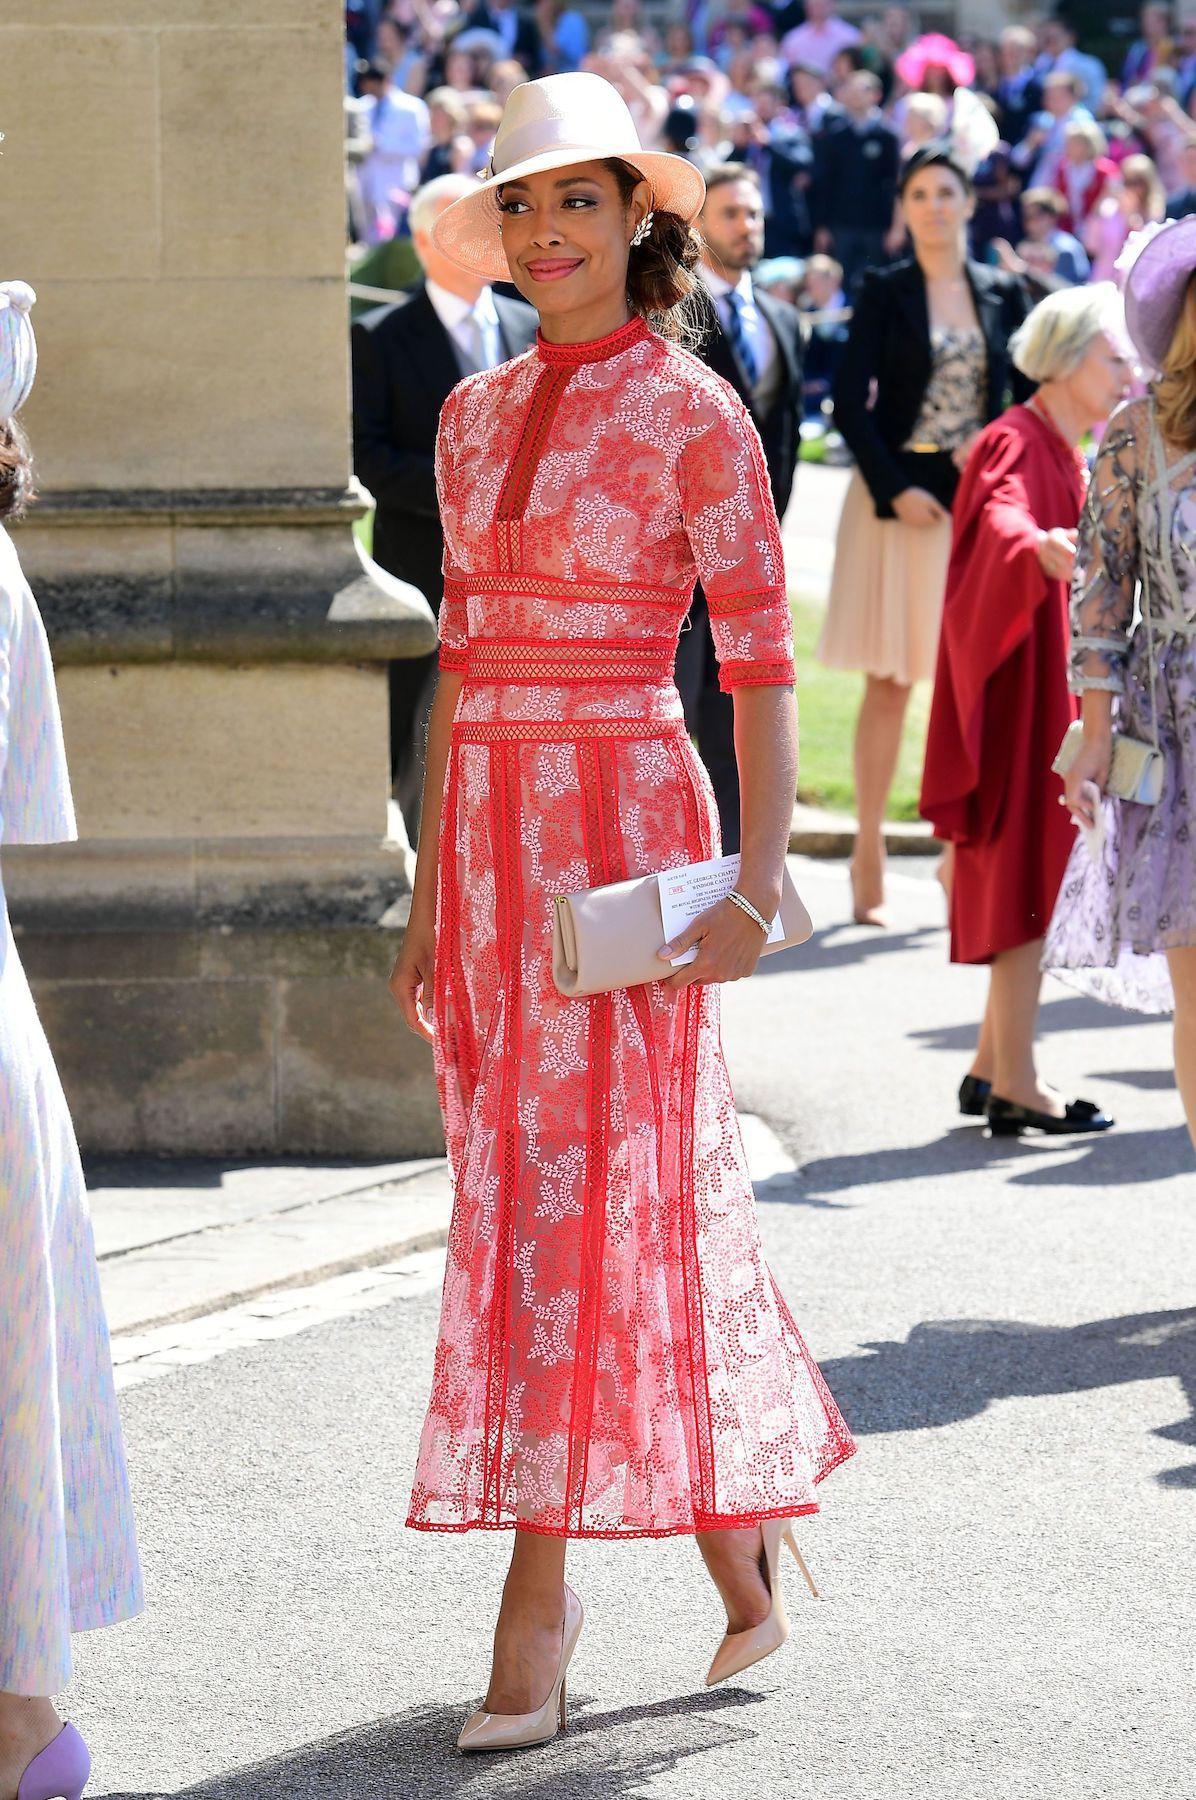 royal wedding 2018 | style i like | Pinterest